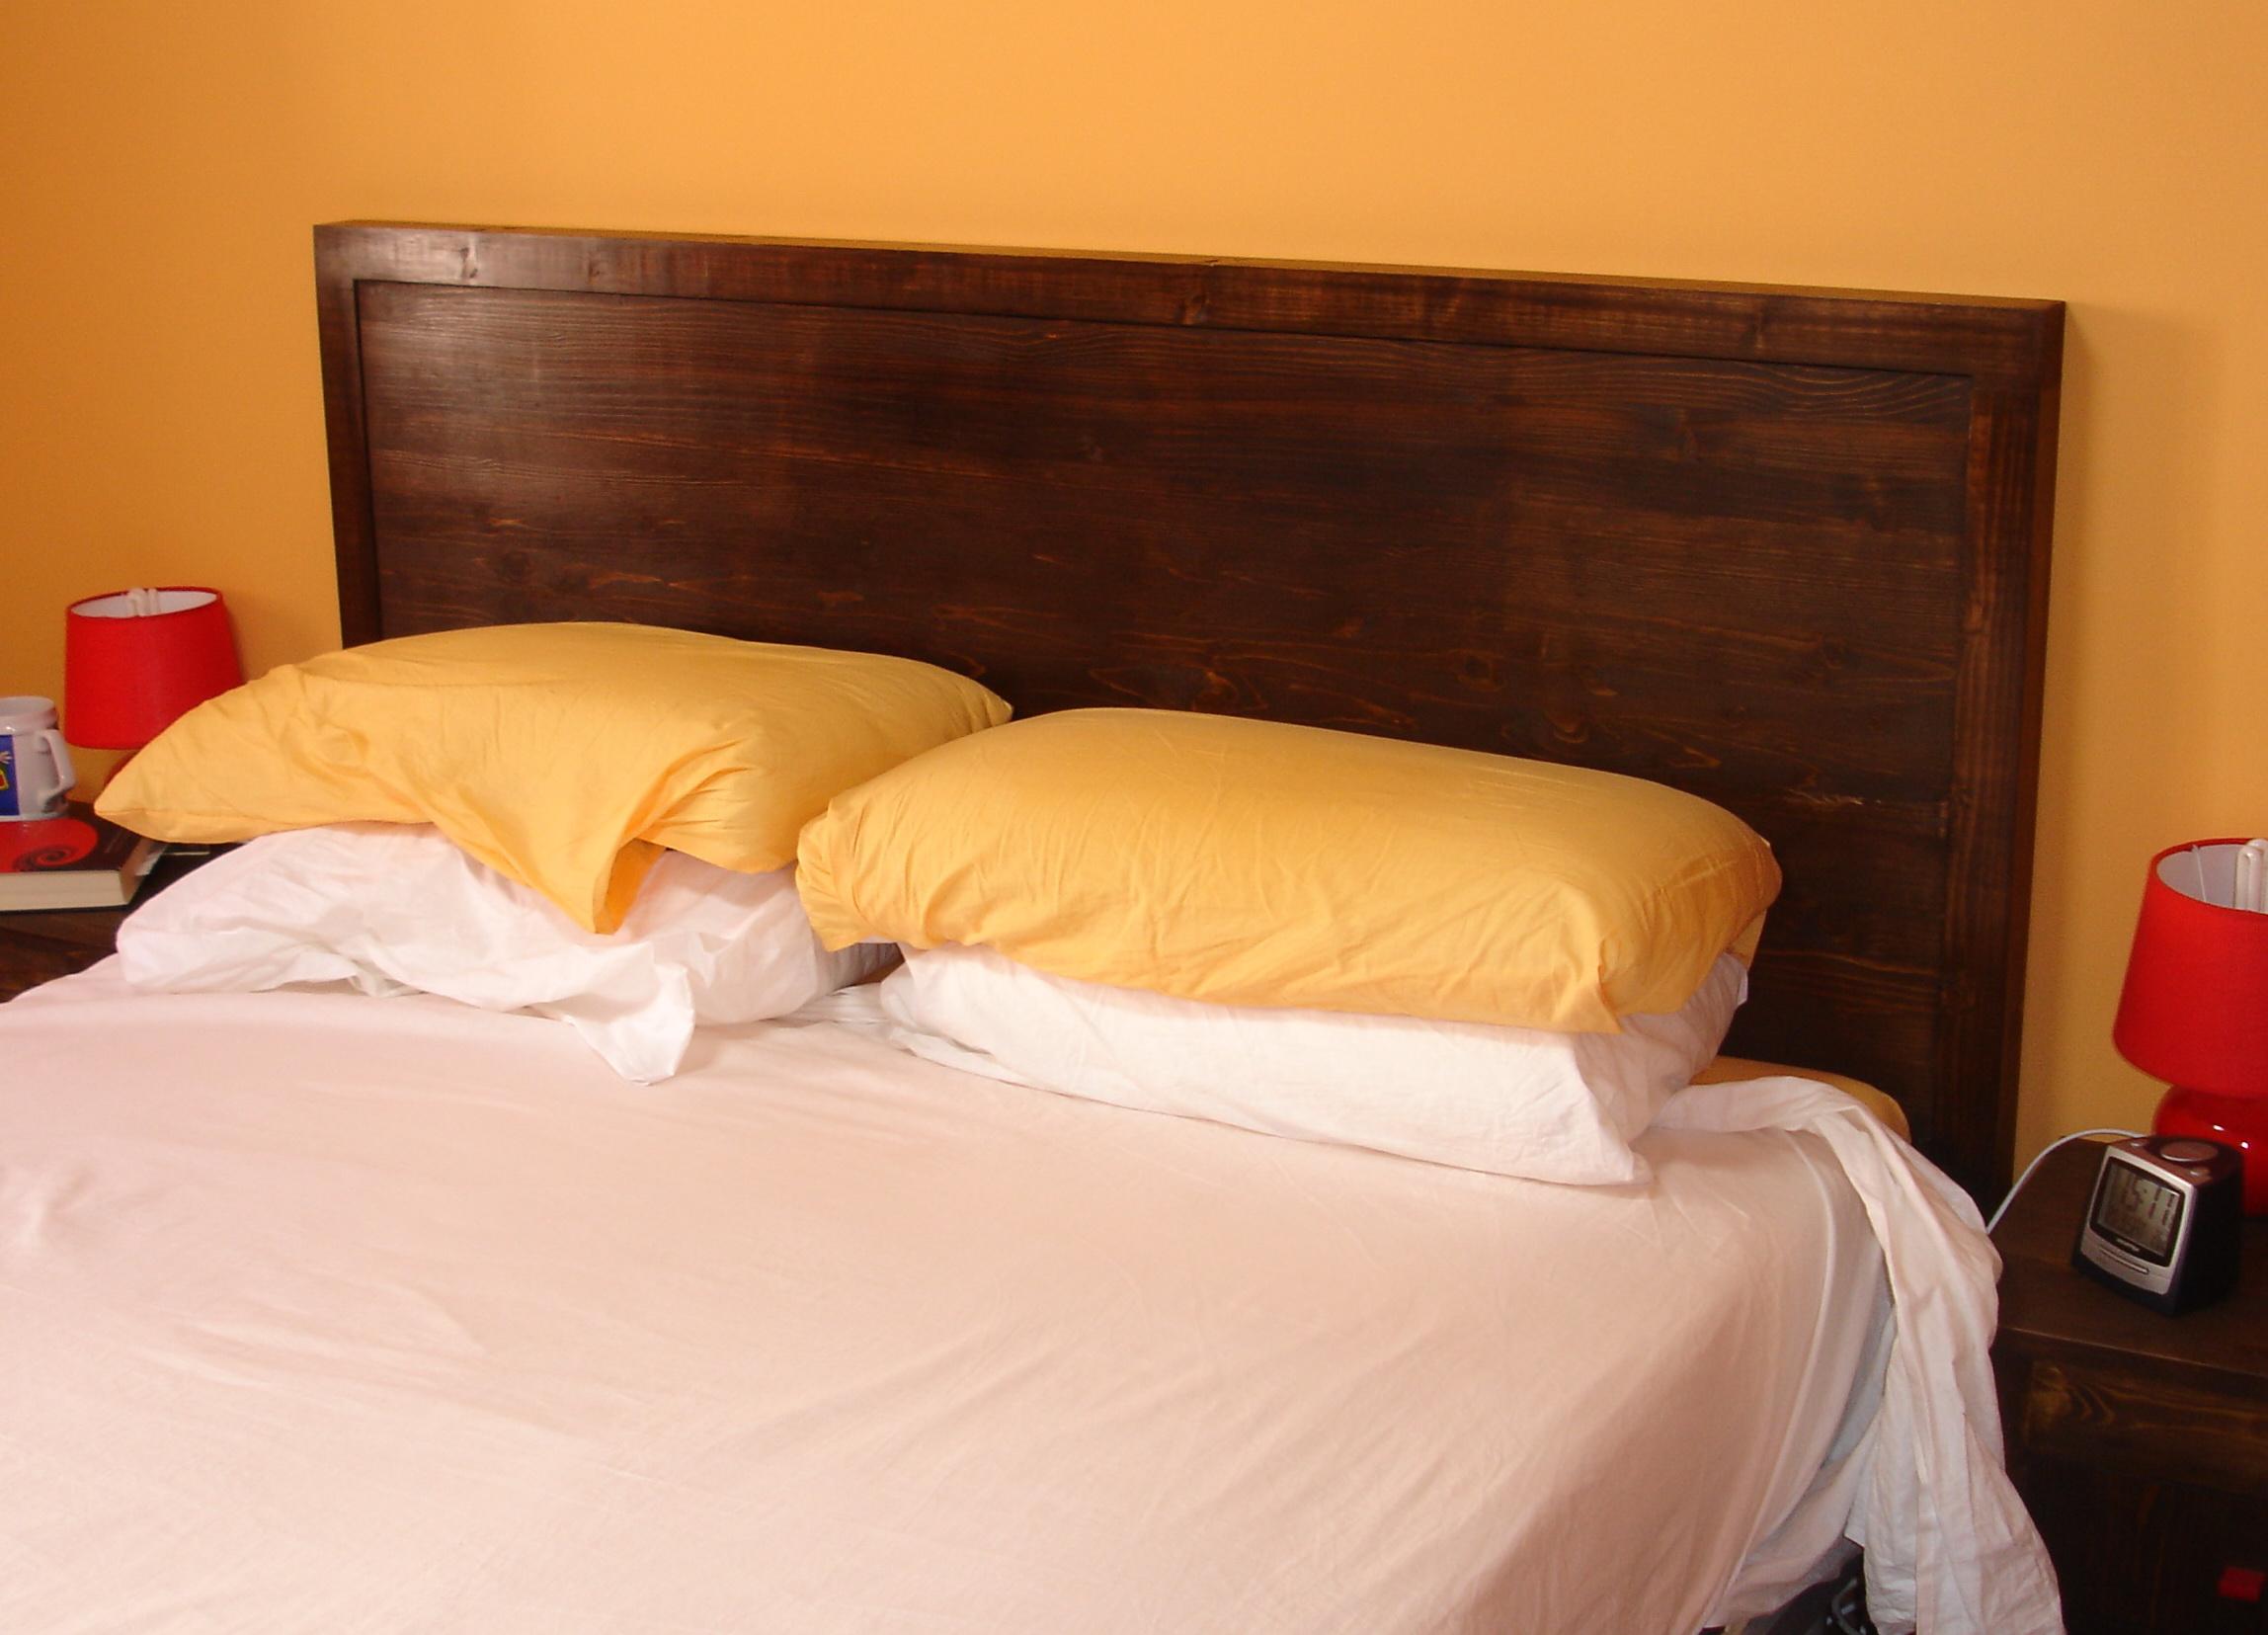 Homemade headboard / Cabecero de cama